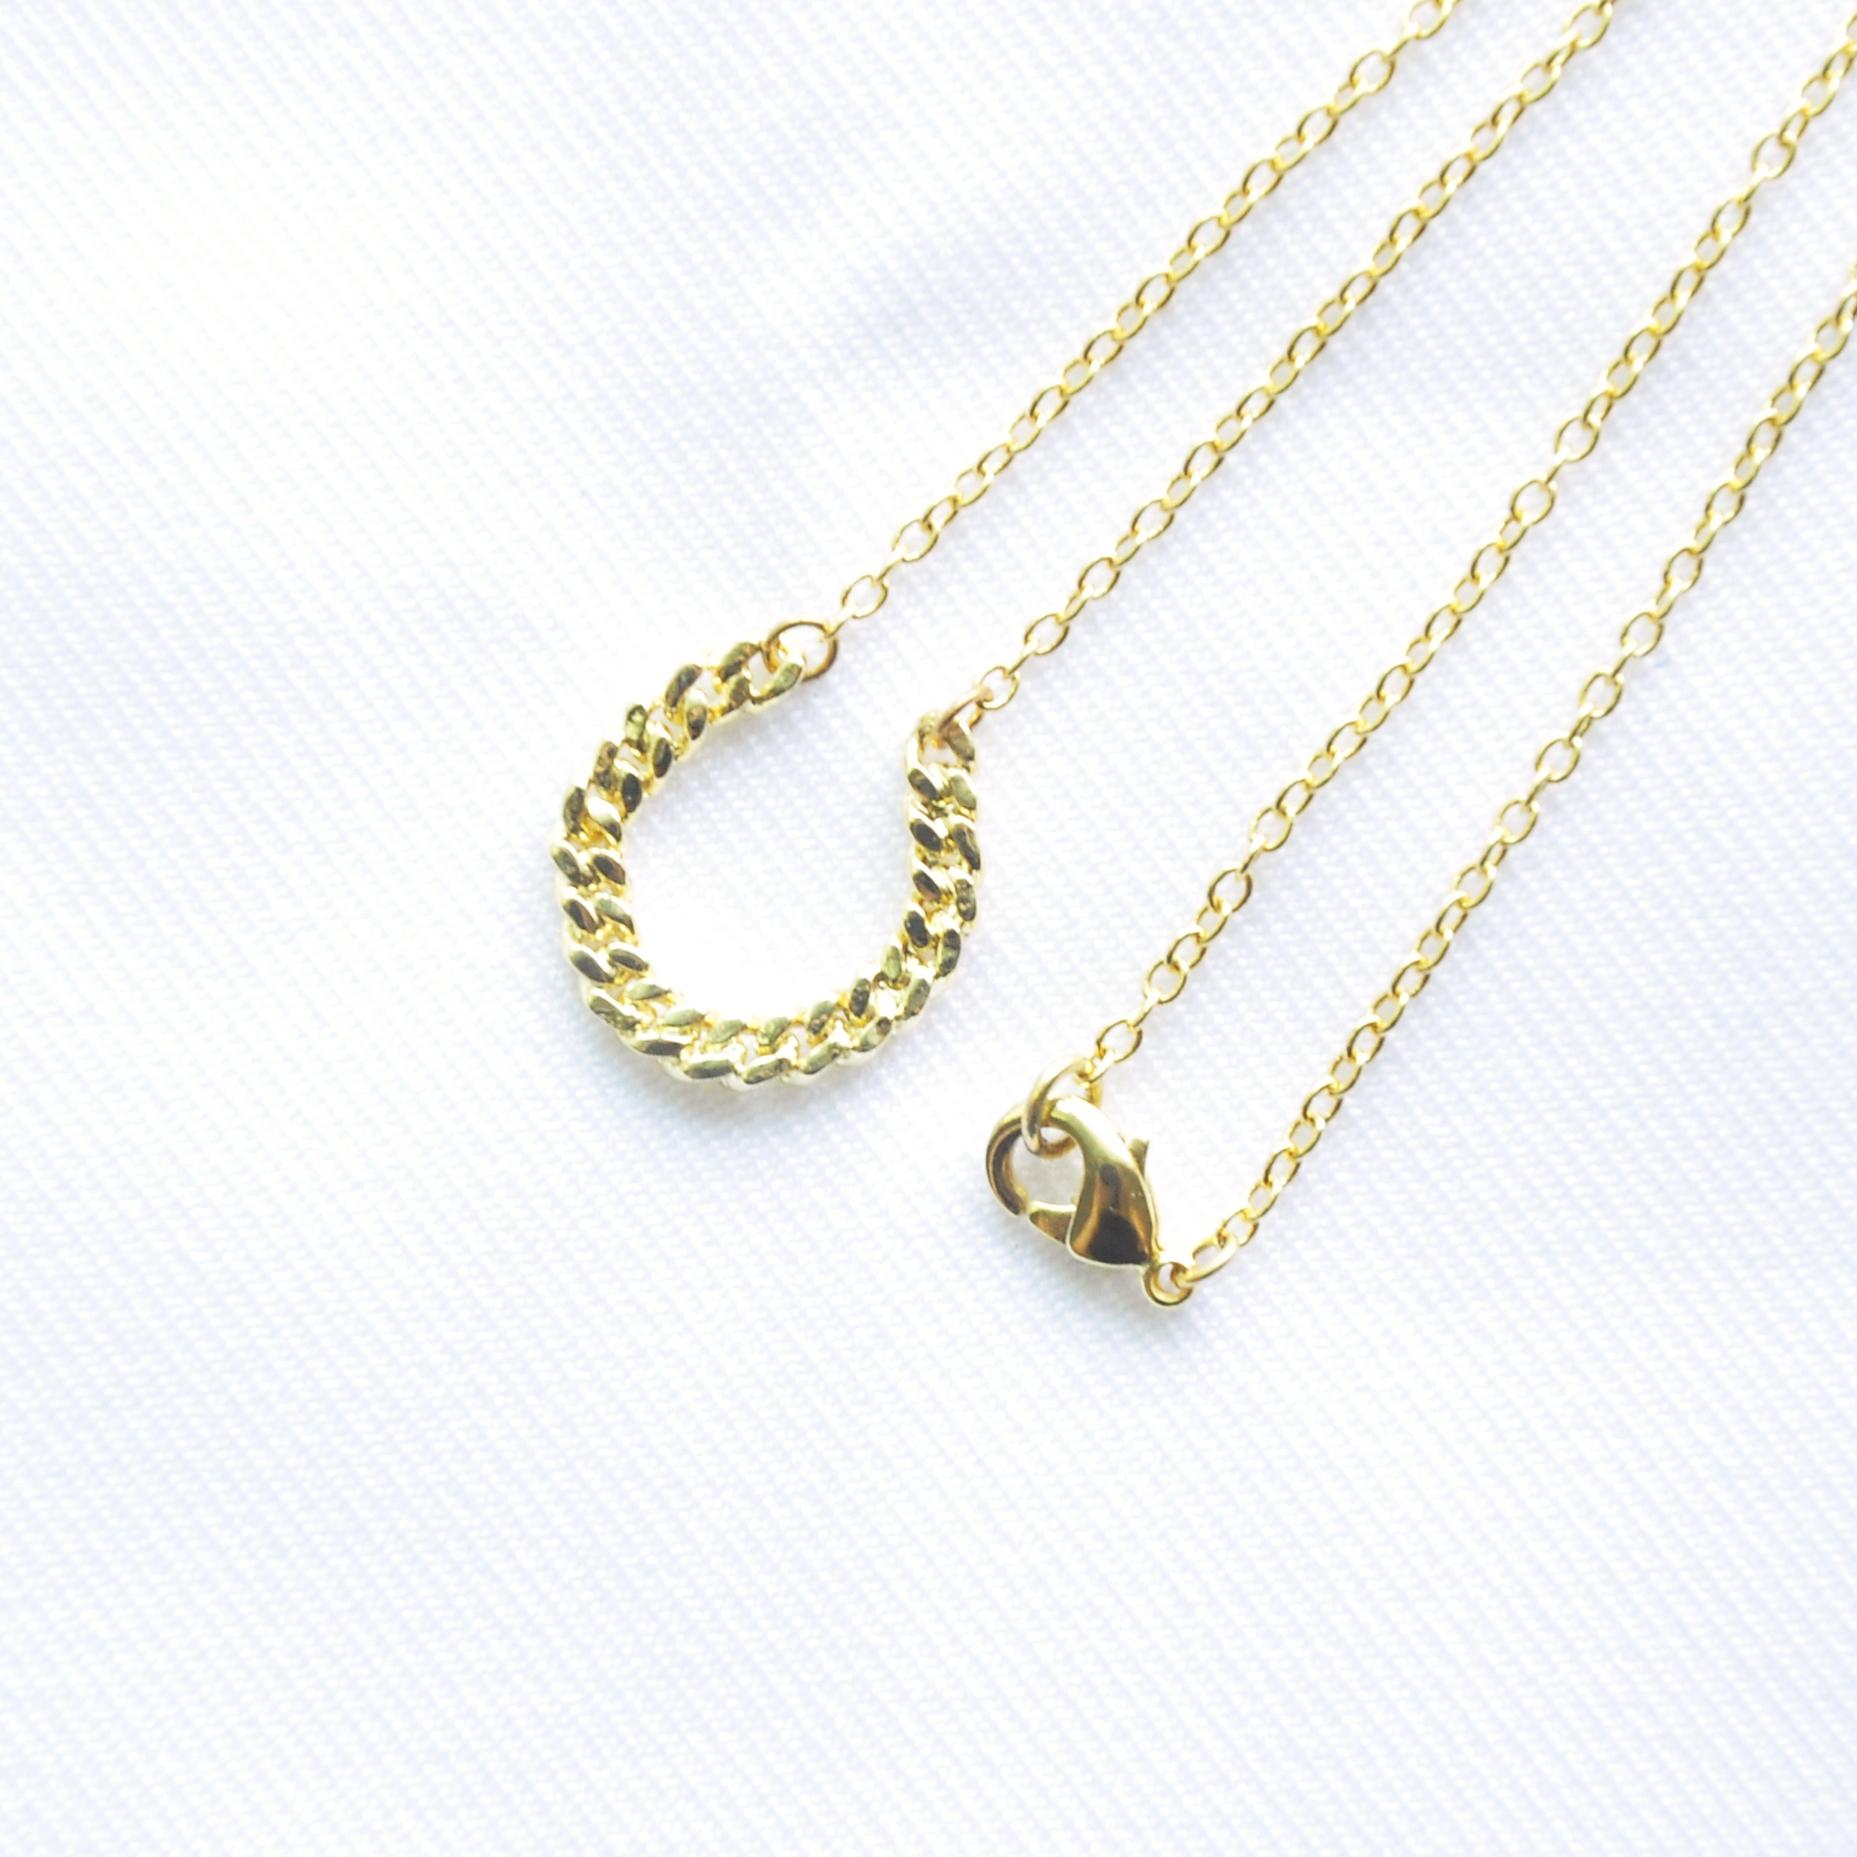 【波金的使者】金色鎖鍊-馬蹄鐵 項墜